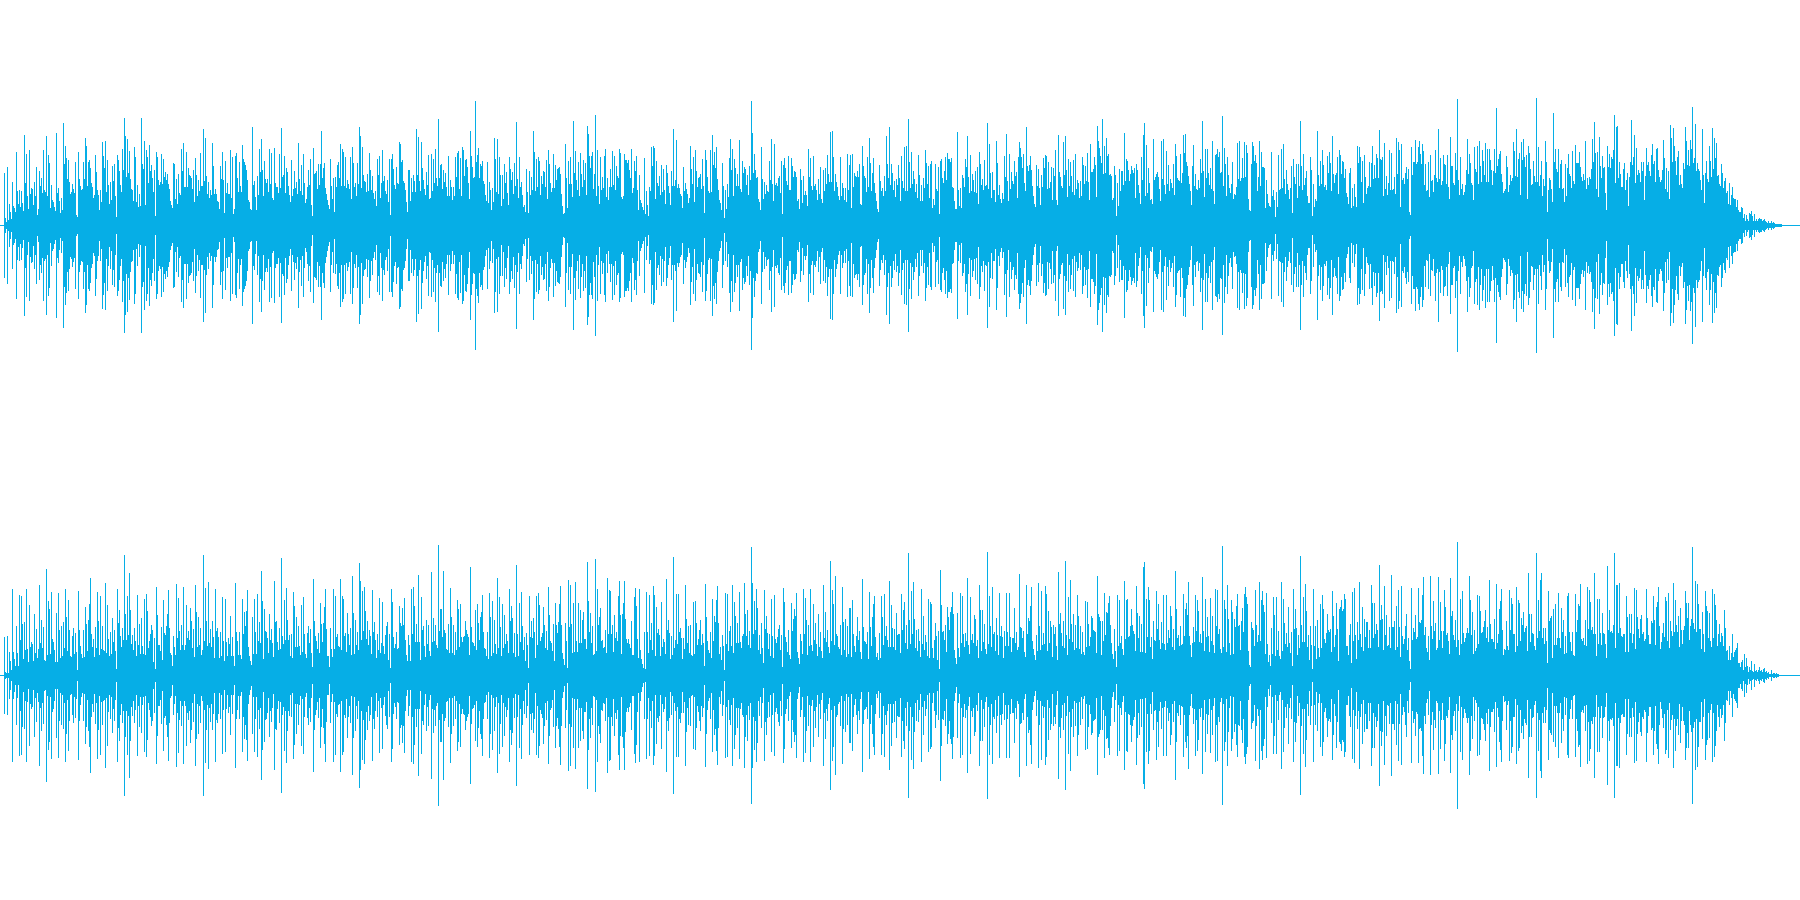 アコースティックなボサノバサウンドの再生済みの波形